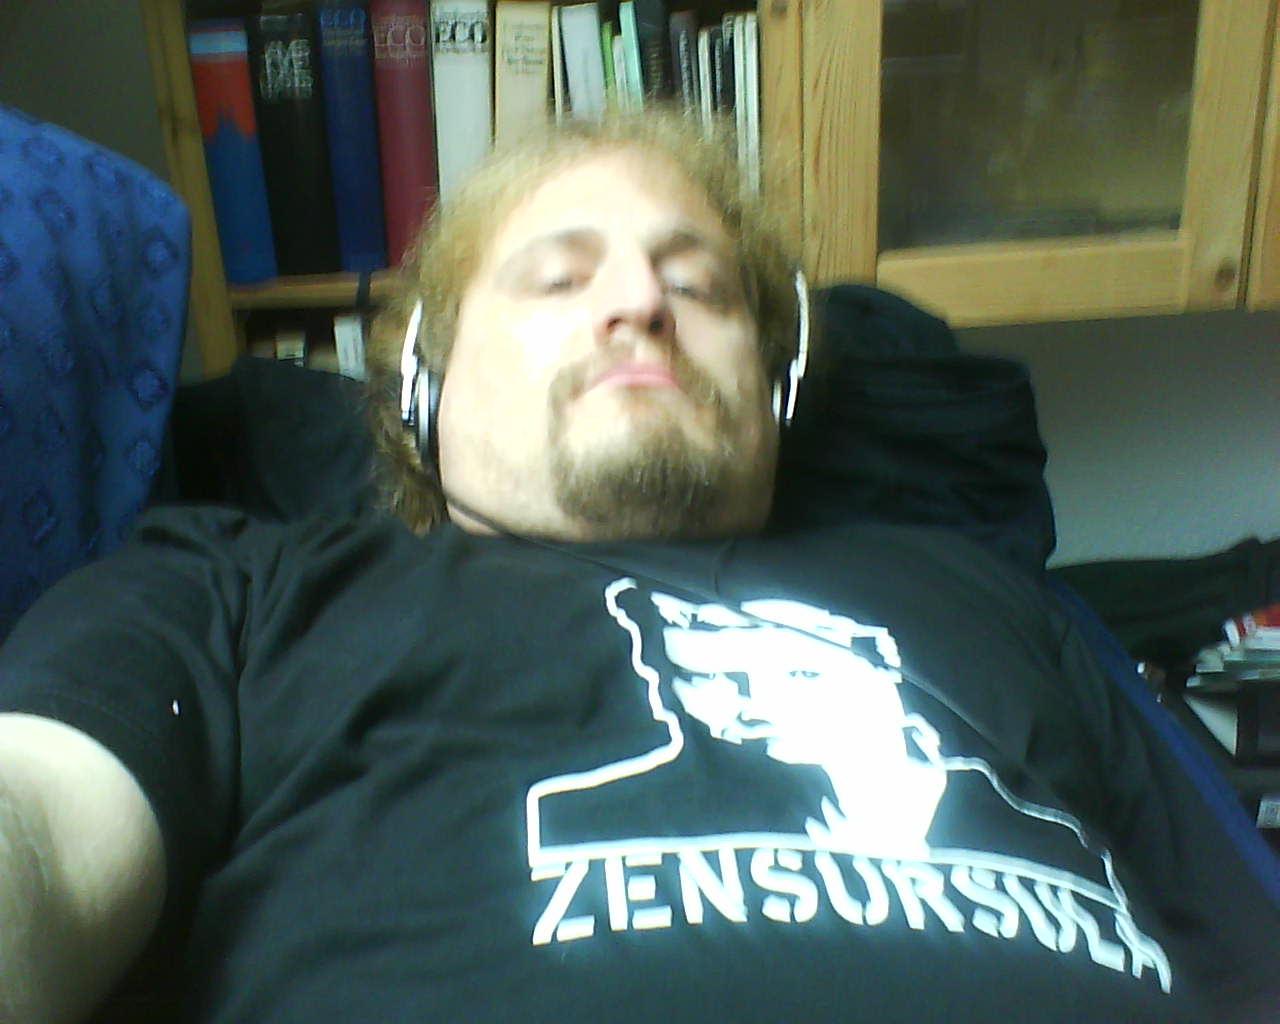 Ulf mit Zensursula-T-Shirt